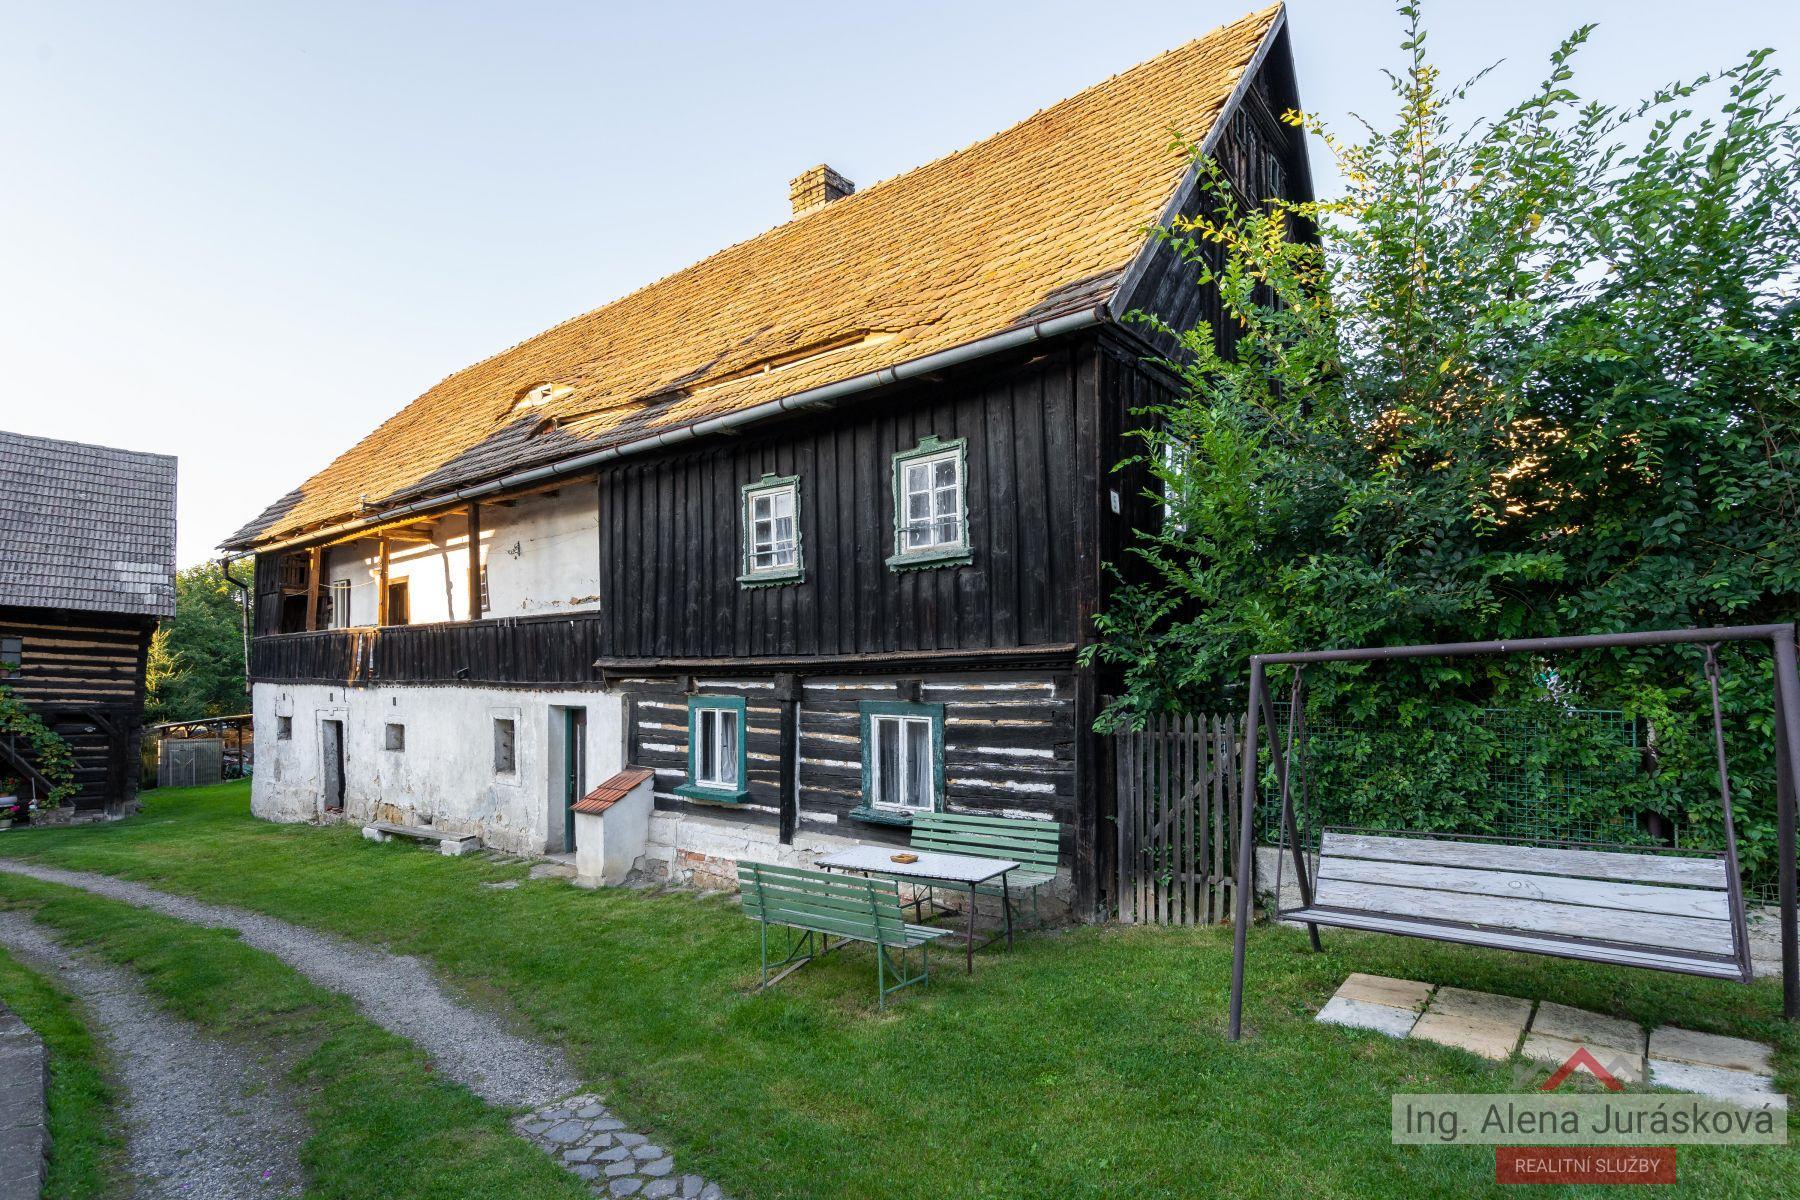 Prodej rodinného domu/chalupy 380 m,  pozemek 781 m2,  Blíževedly, Skalka